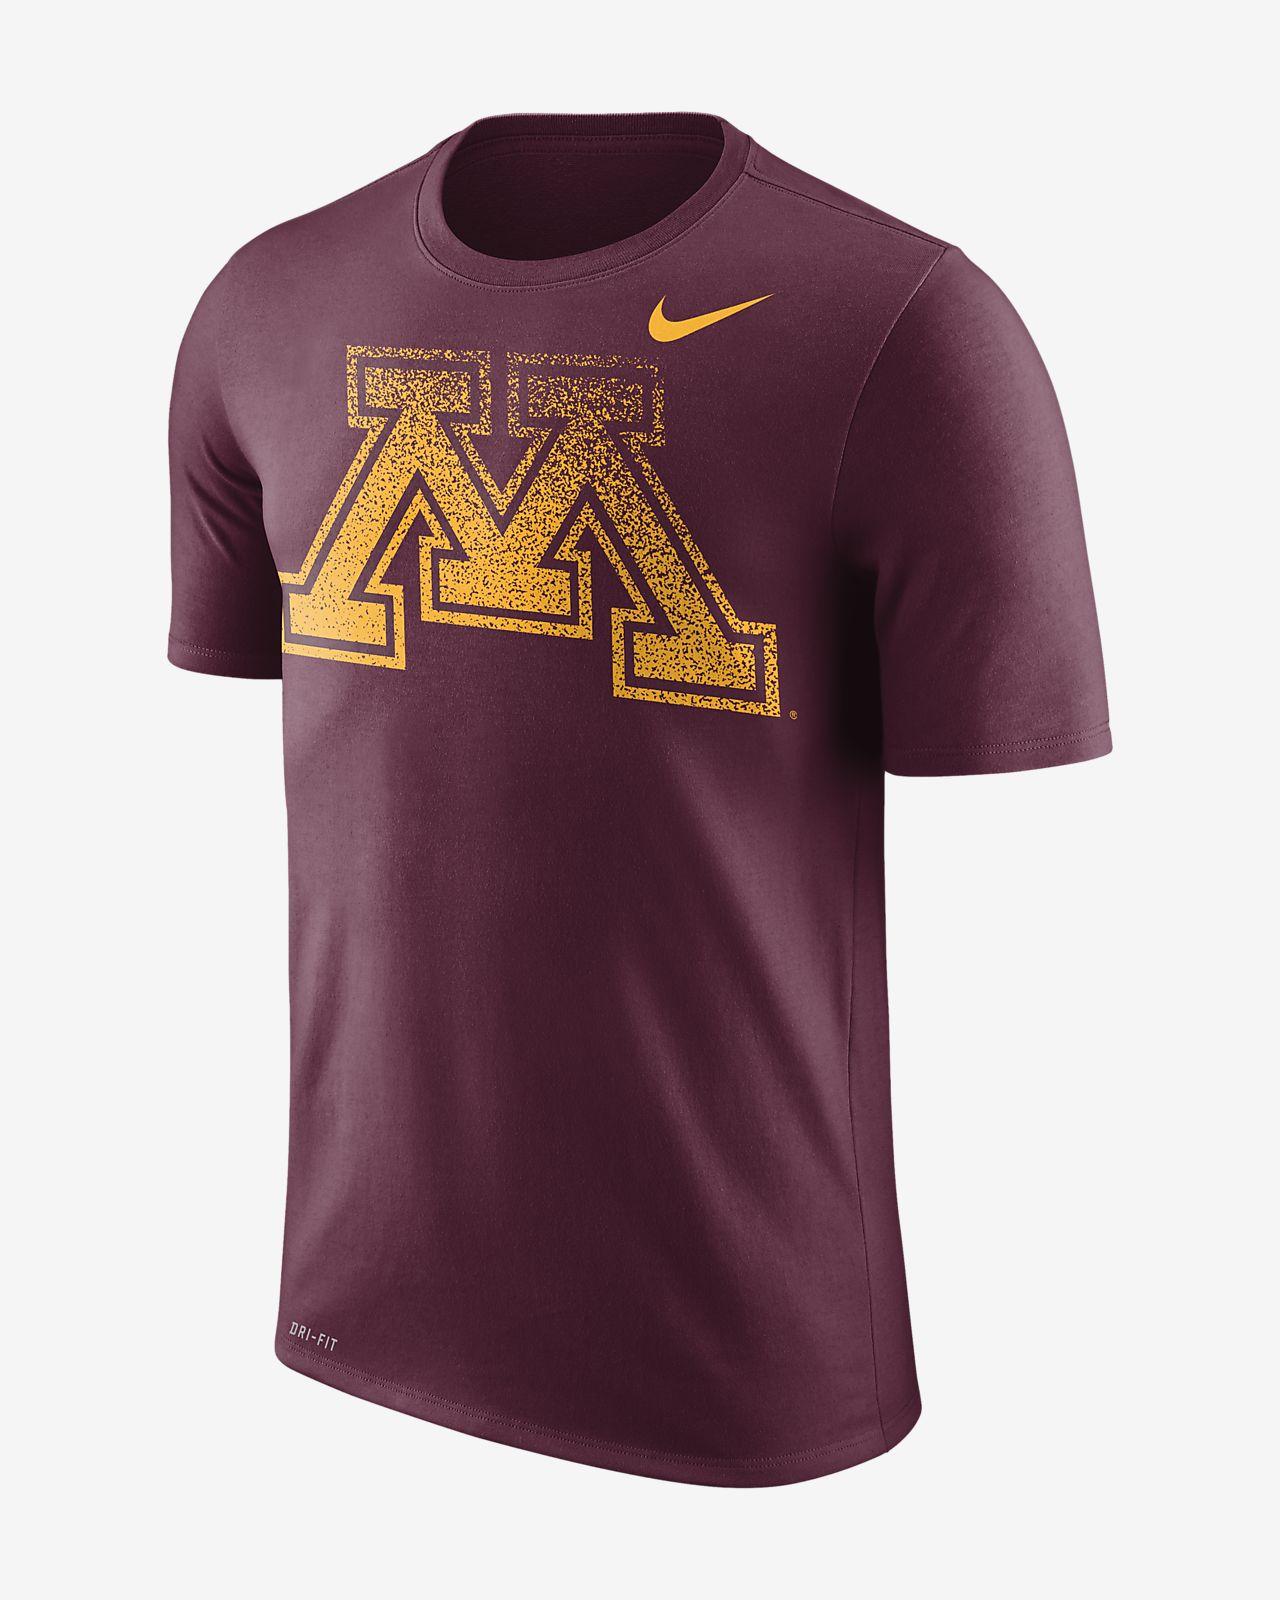 3e1e086a5 Nike Dri-FIT Legend (Minnesota) Men's Short-Sleeve T-Shirt. Nike.com